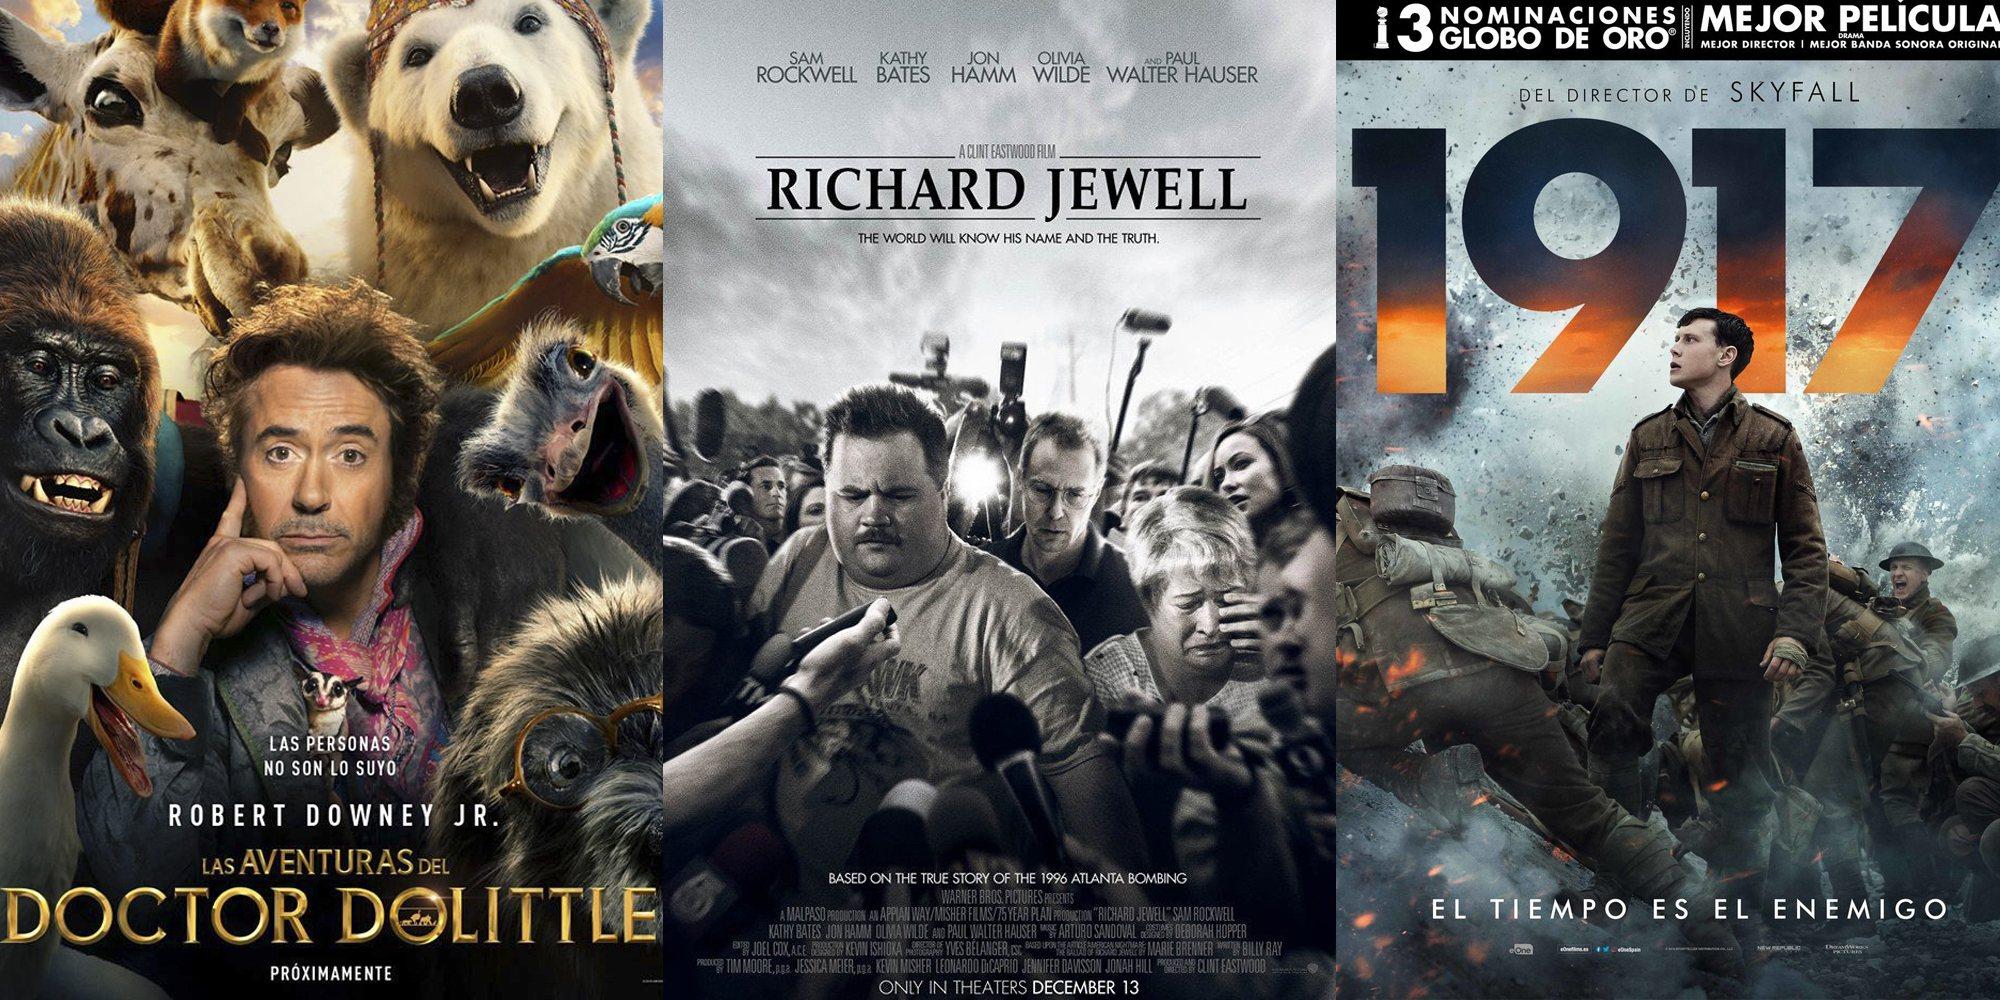 Las 5 películas más esperadas de enero de 2020